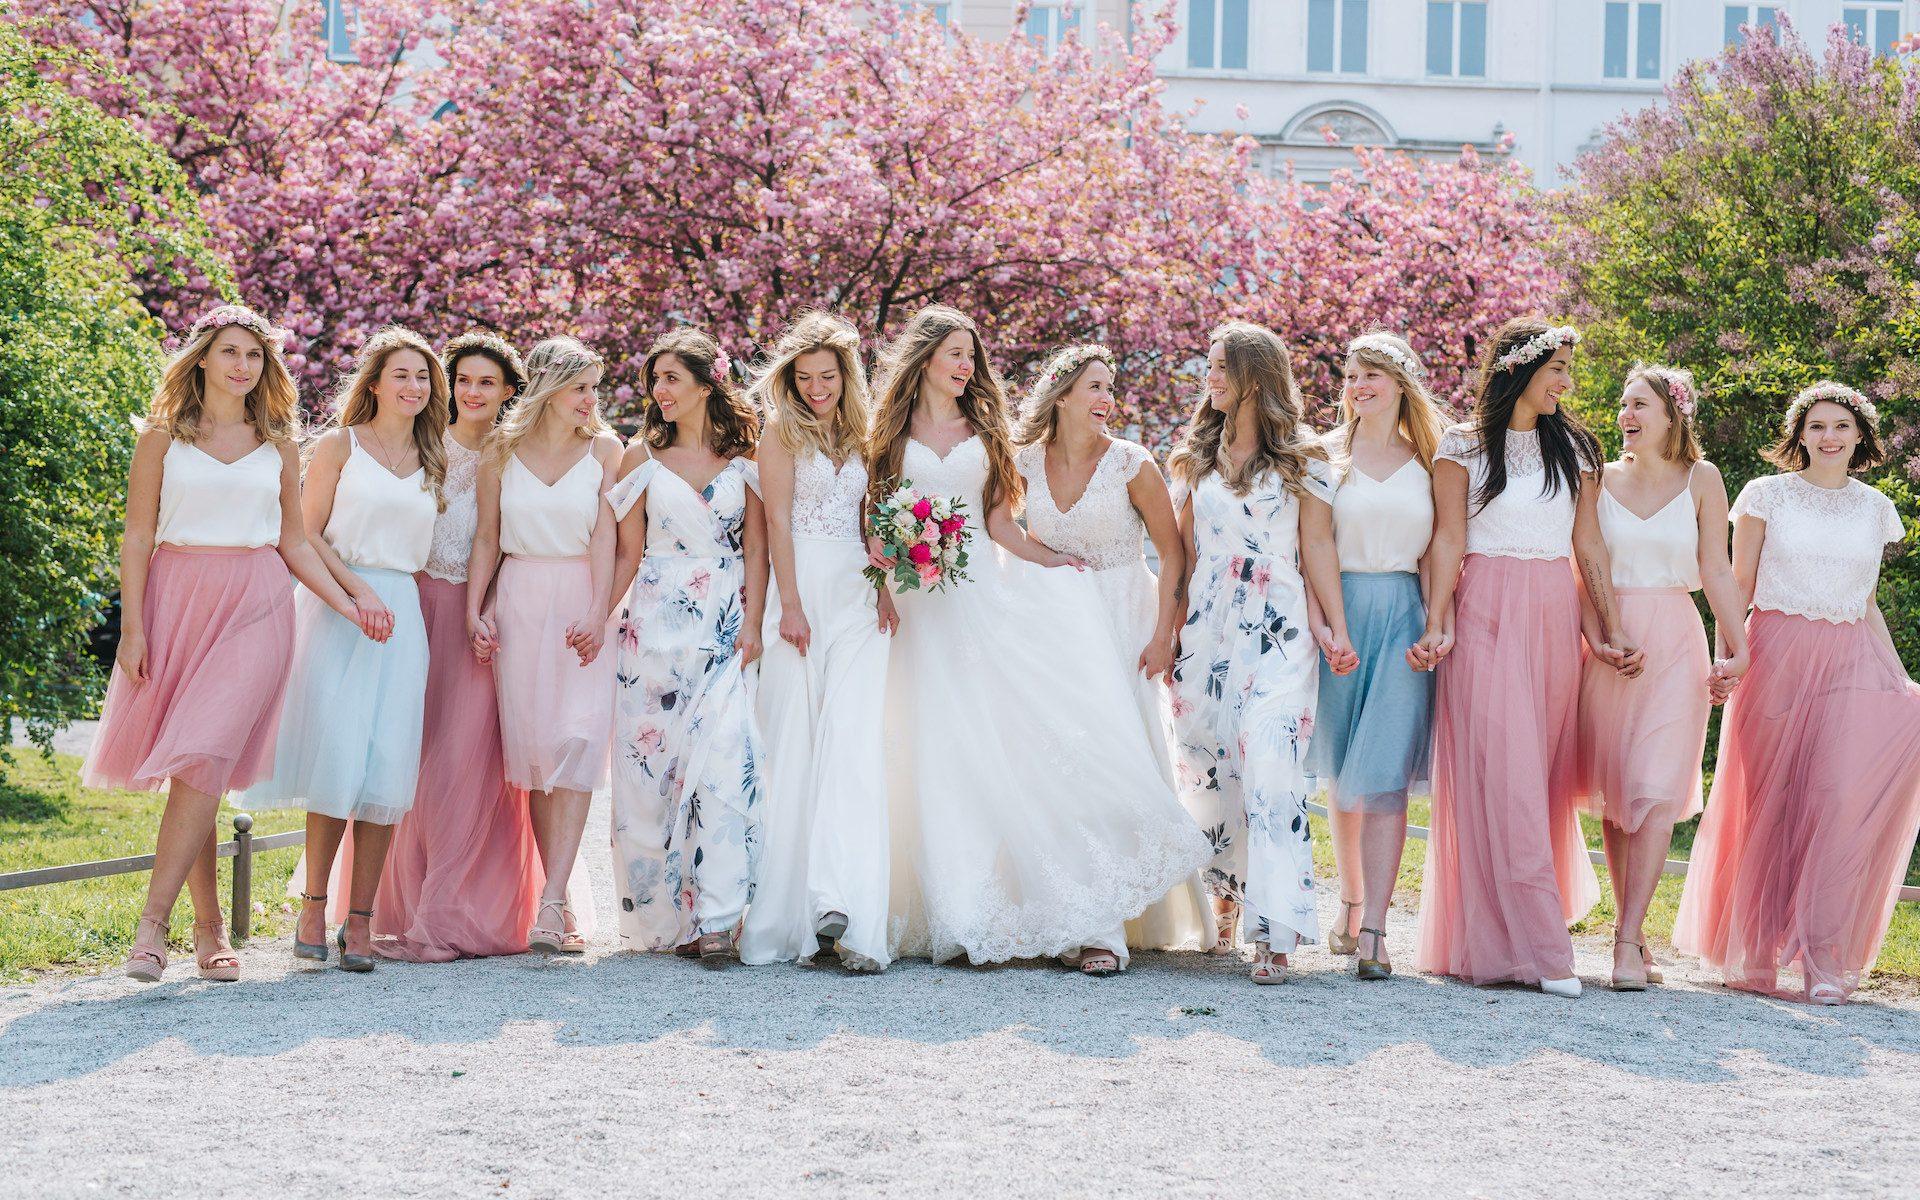 Hochzeitskleider, Standesamtkleider Und Vintage Brautmoden